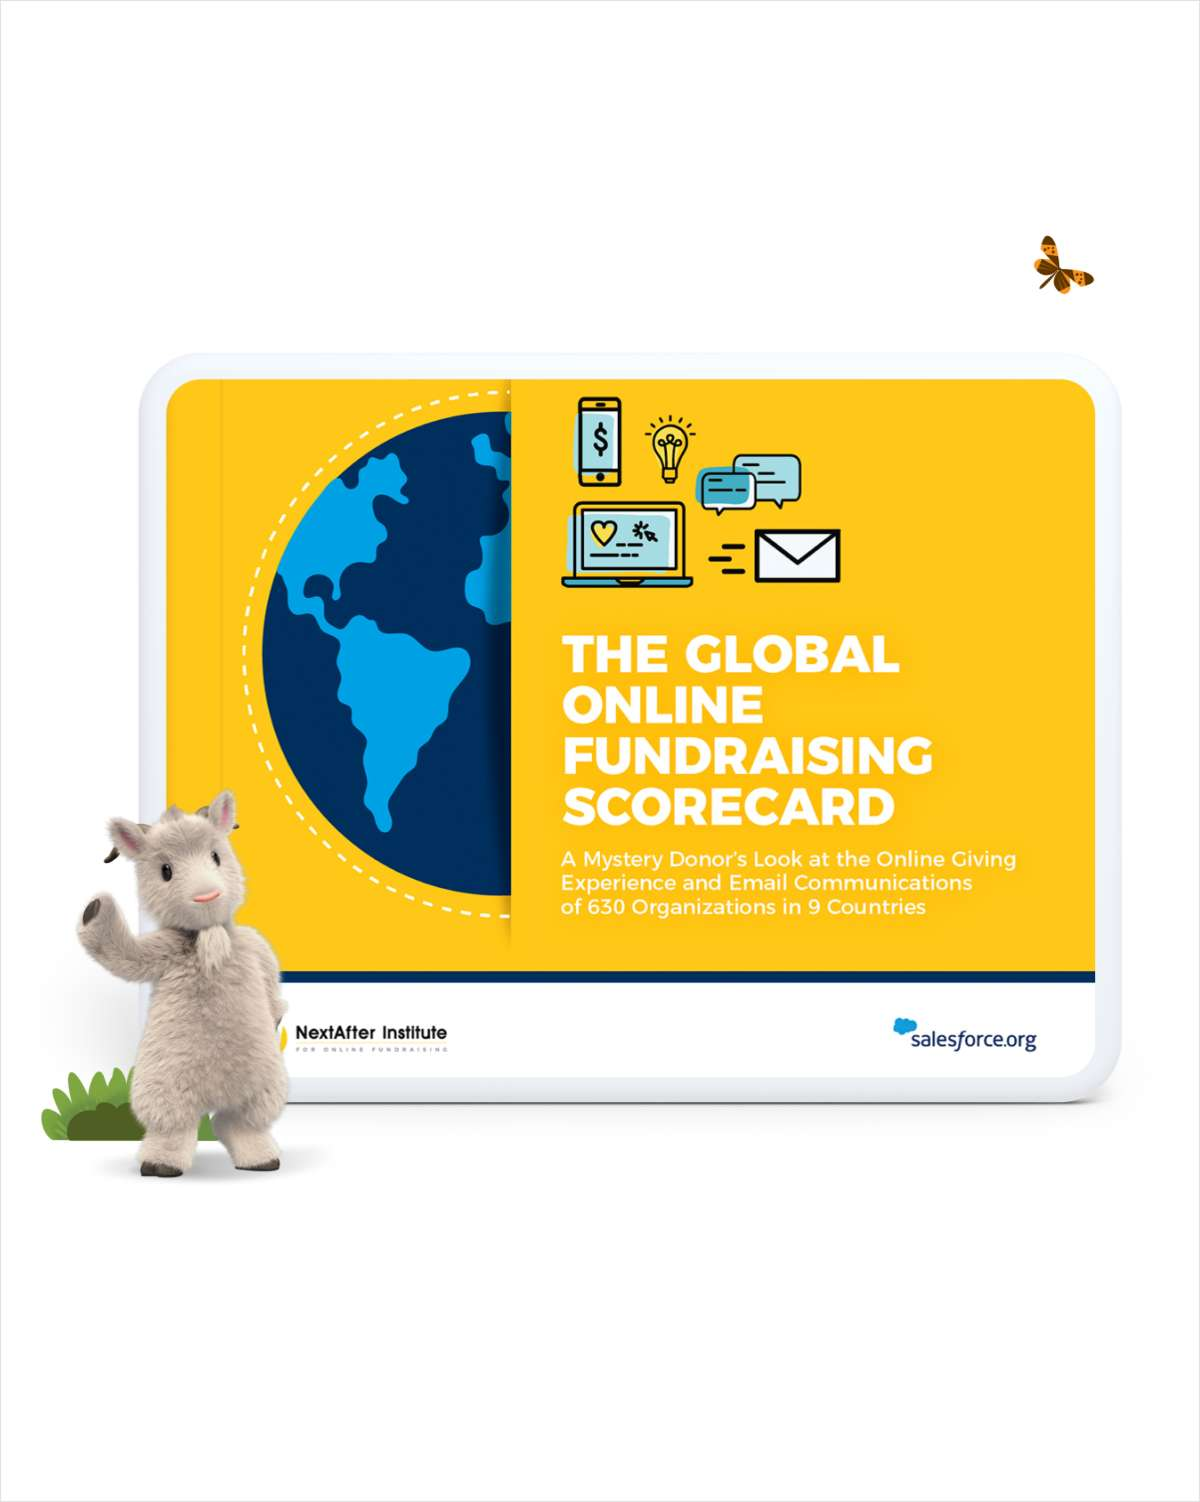 The Global Online Fundraising Scorecard